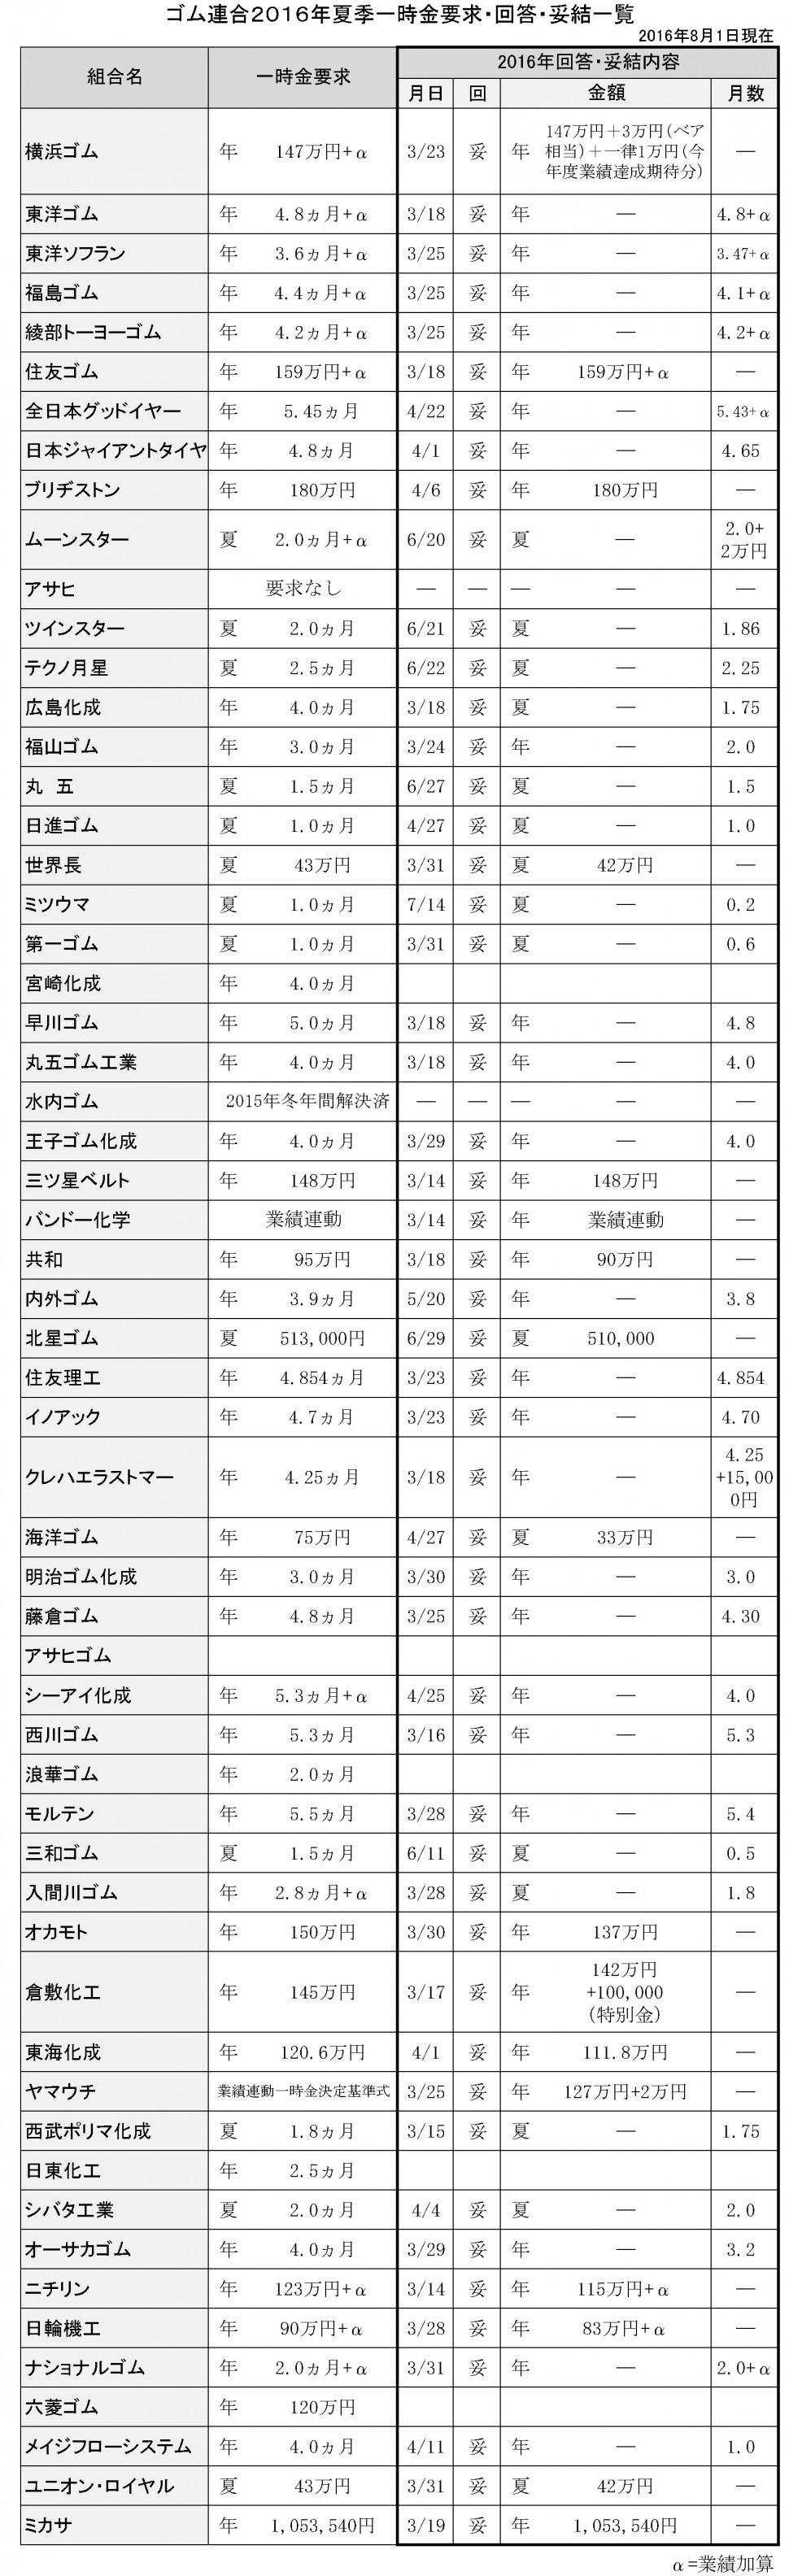 68 ゴム連合2016夏季一時金妥結一覧(最終版)